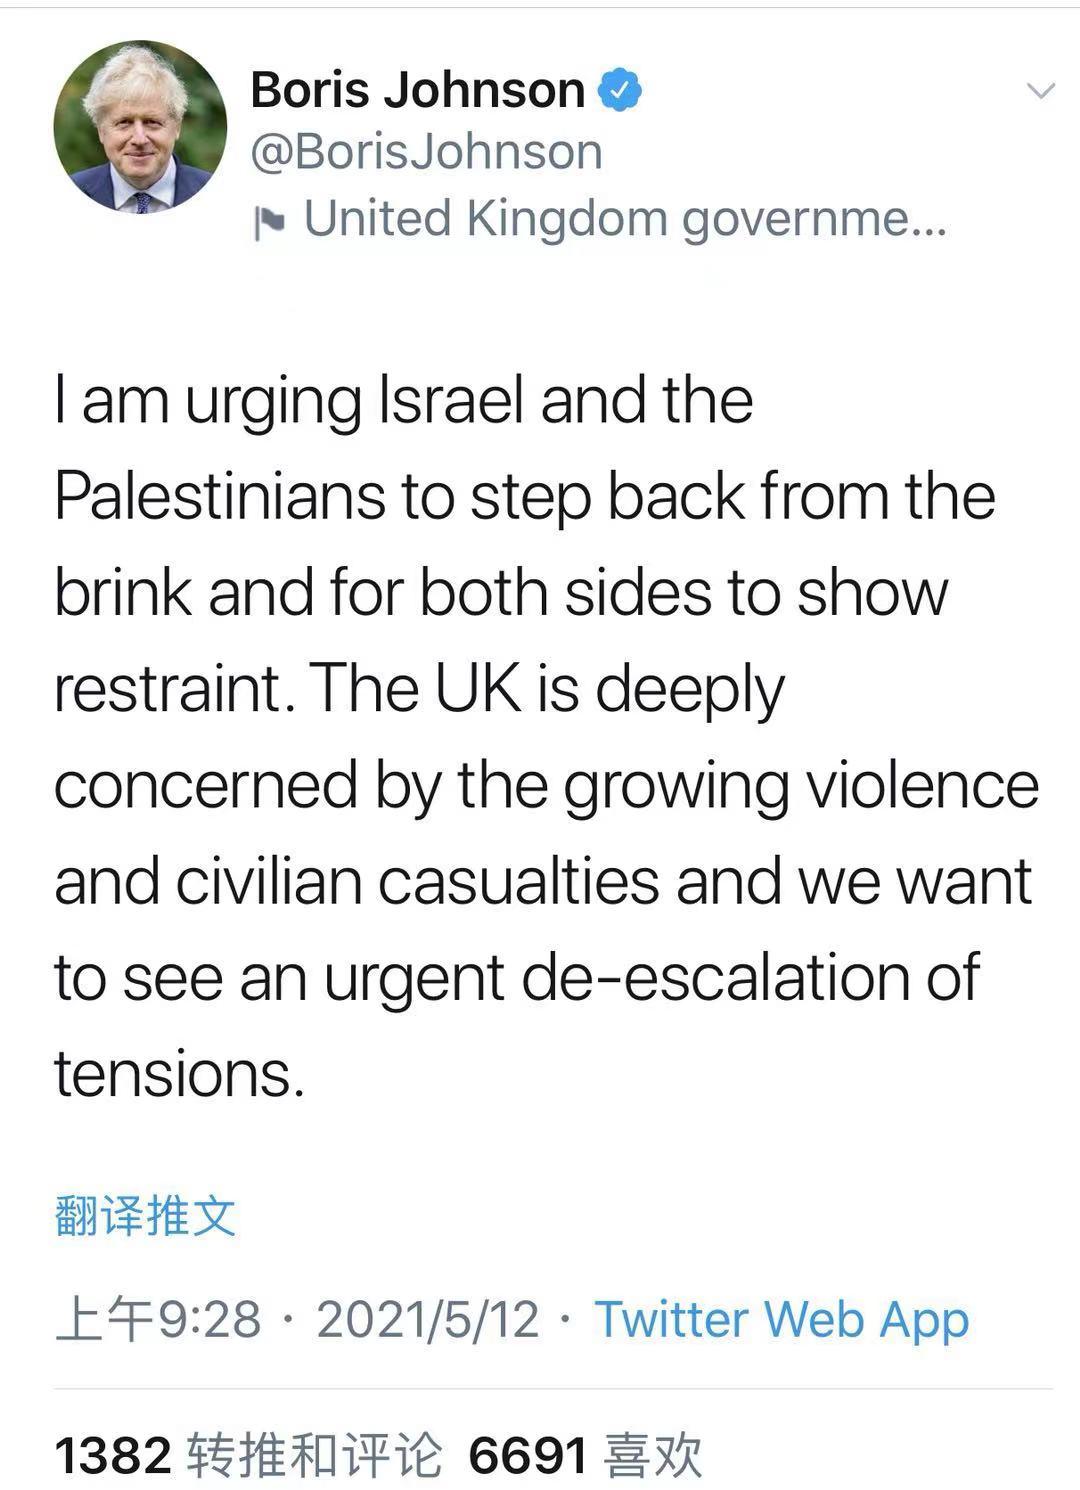 英国首相呼吁巴以双方保持克制